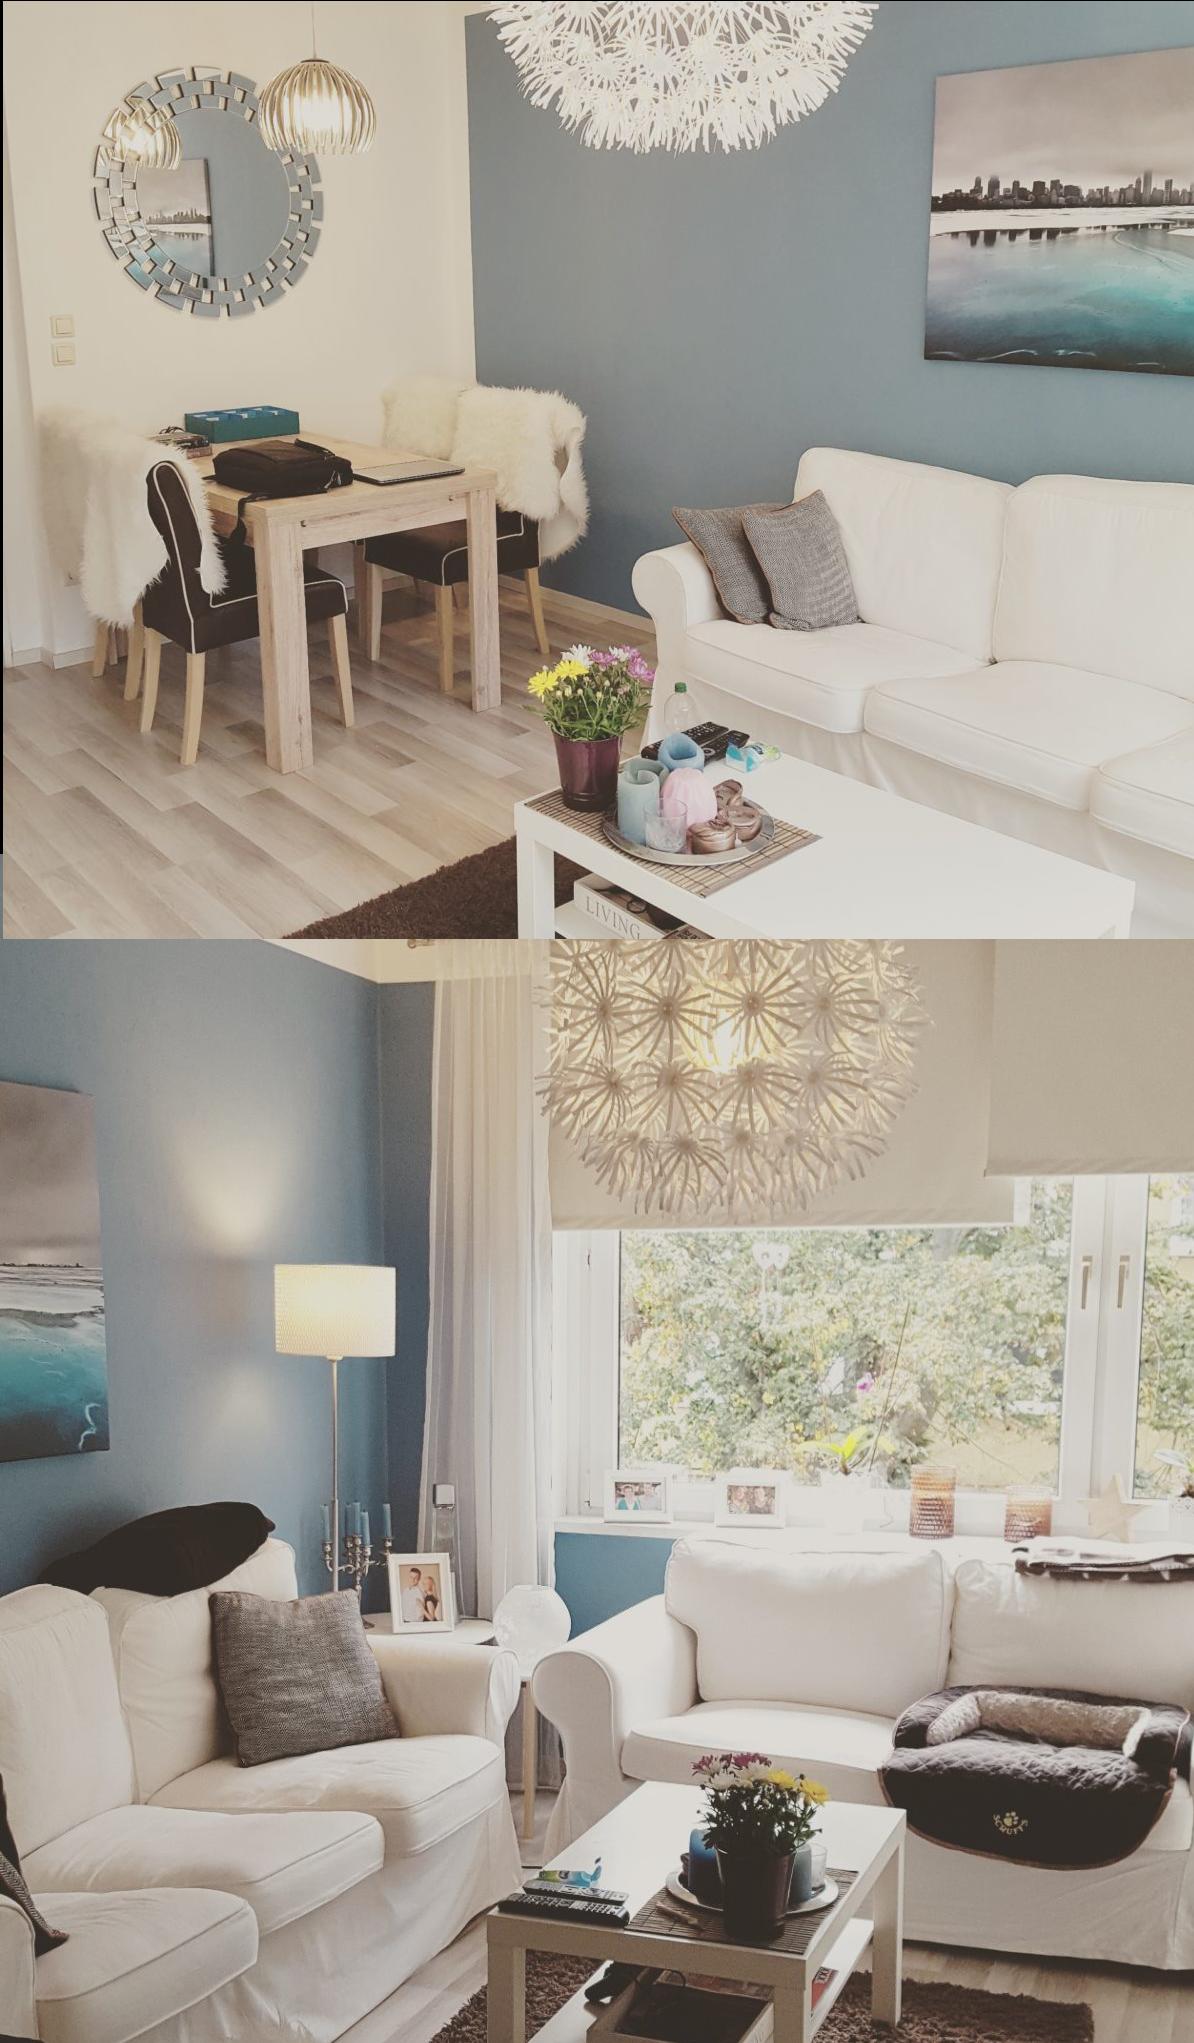 Interior Wohnen Karibik Blaues Wohnzimmer Mit Ikea Mobeln Ektorp